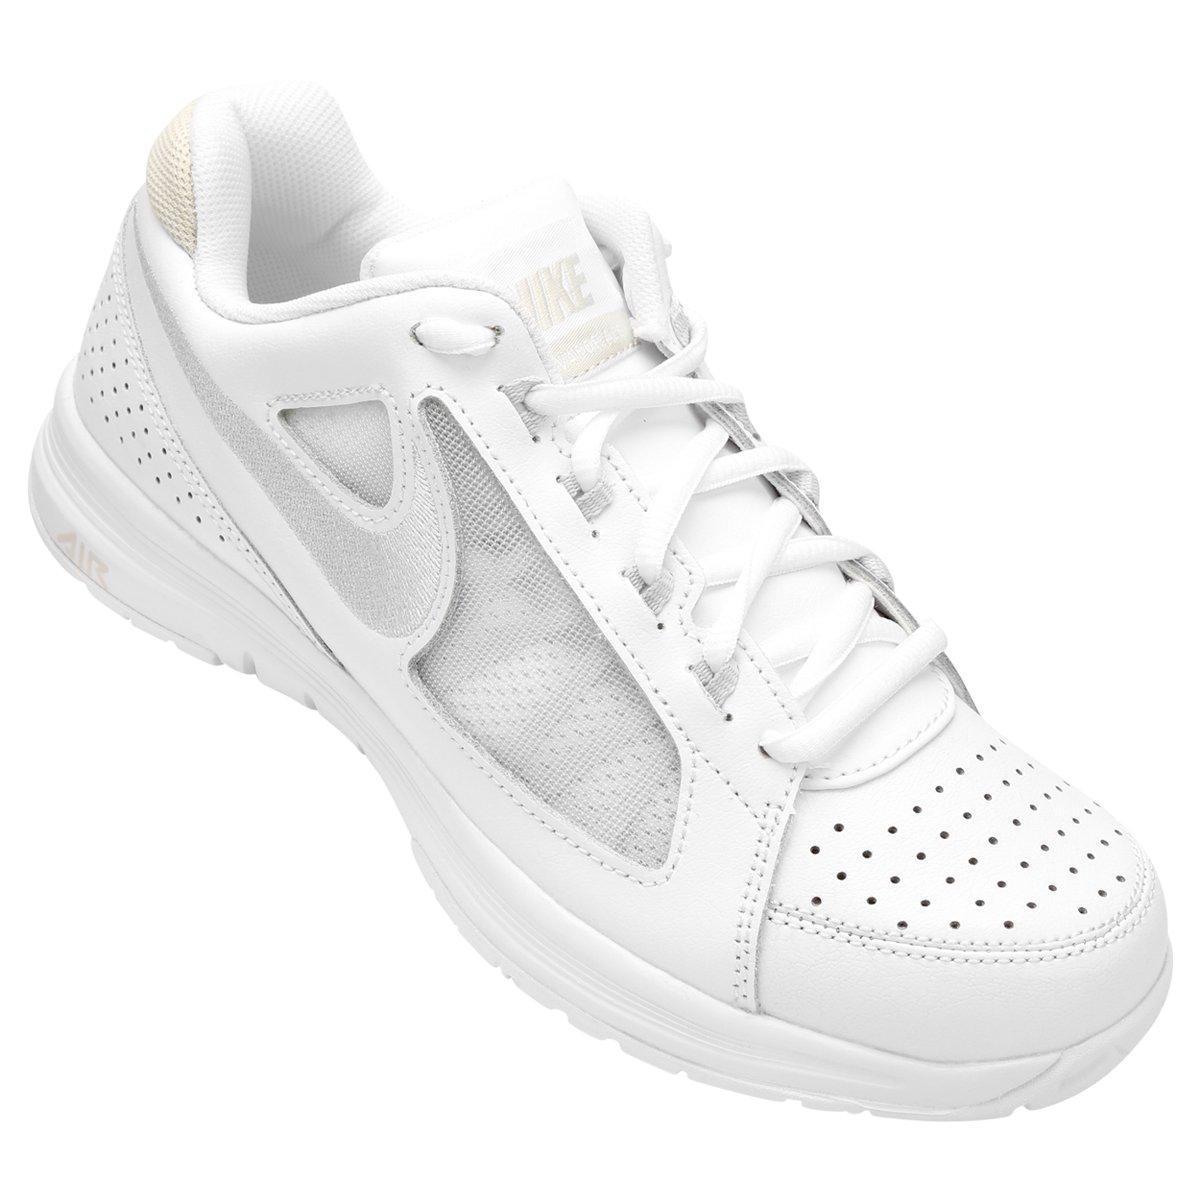 3113fb228d Tênis Nike Air Vapor Ace Feminino - Branco e Areia - Compre Agora ...